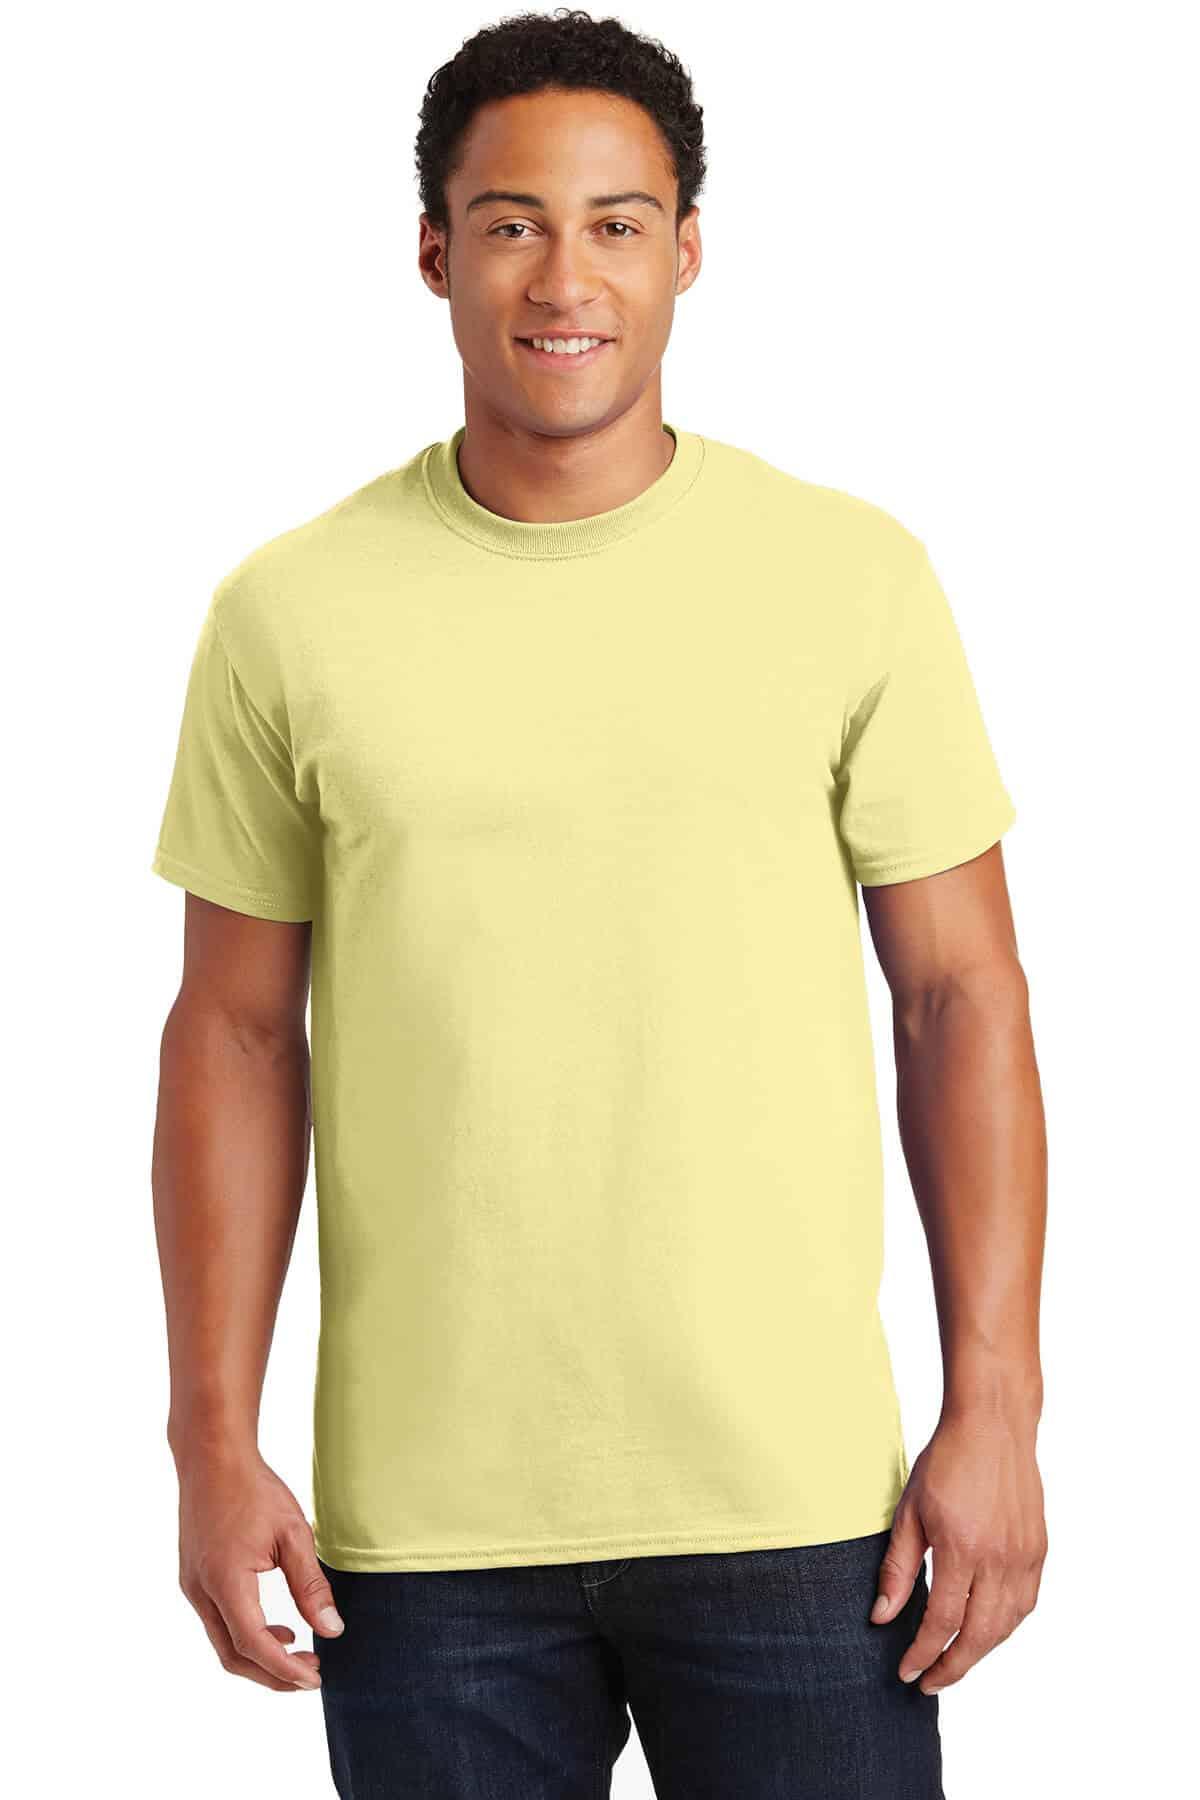 Cornsilk TeeShirt Front